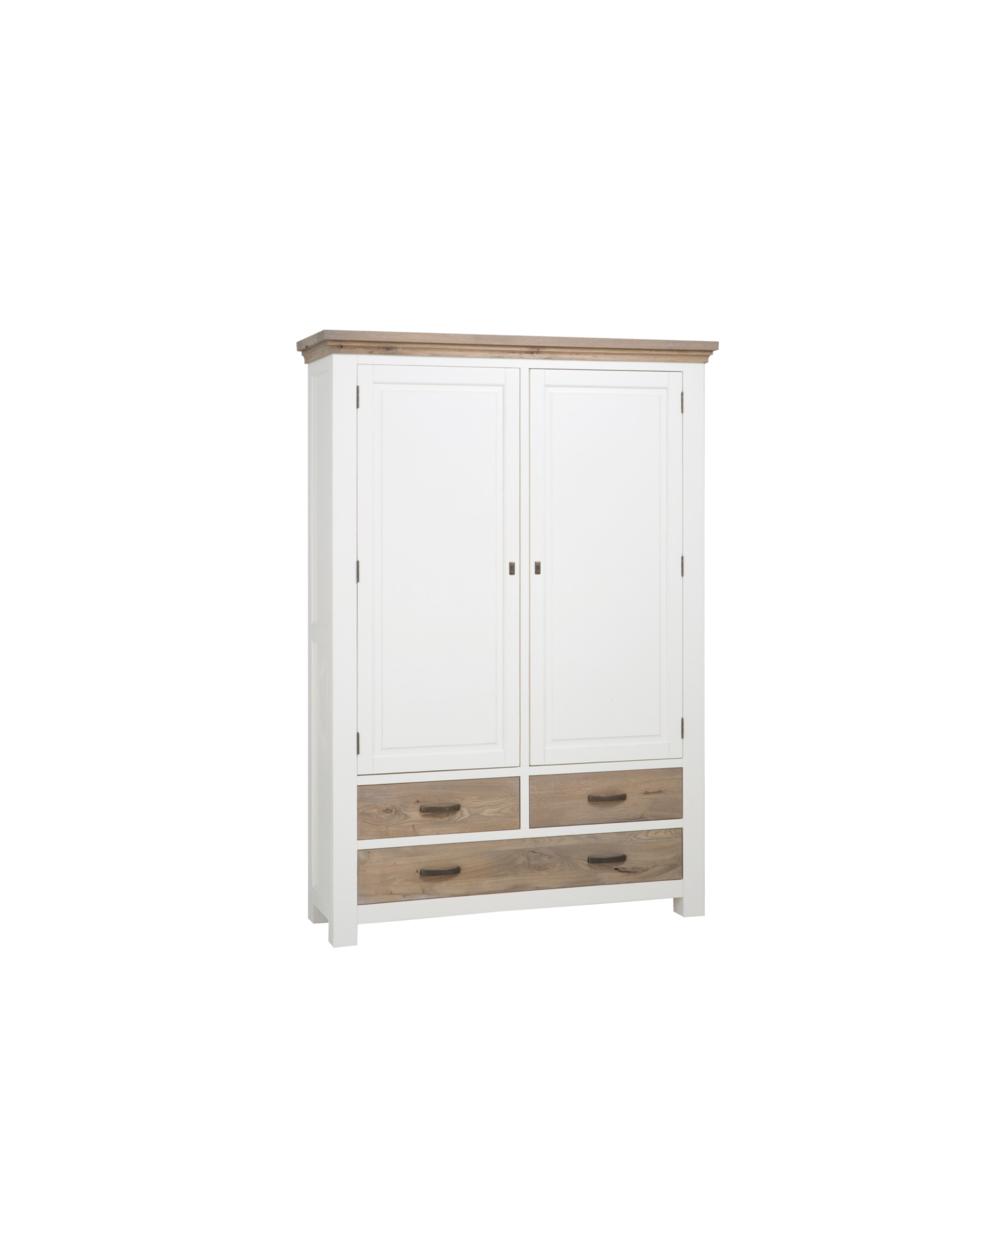 Parma cabinet